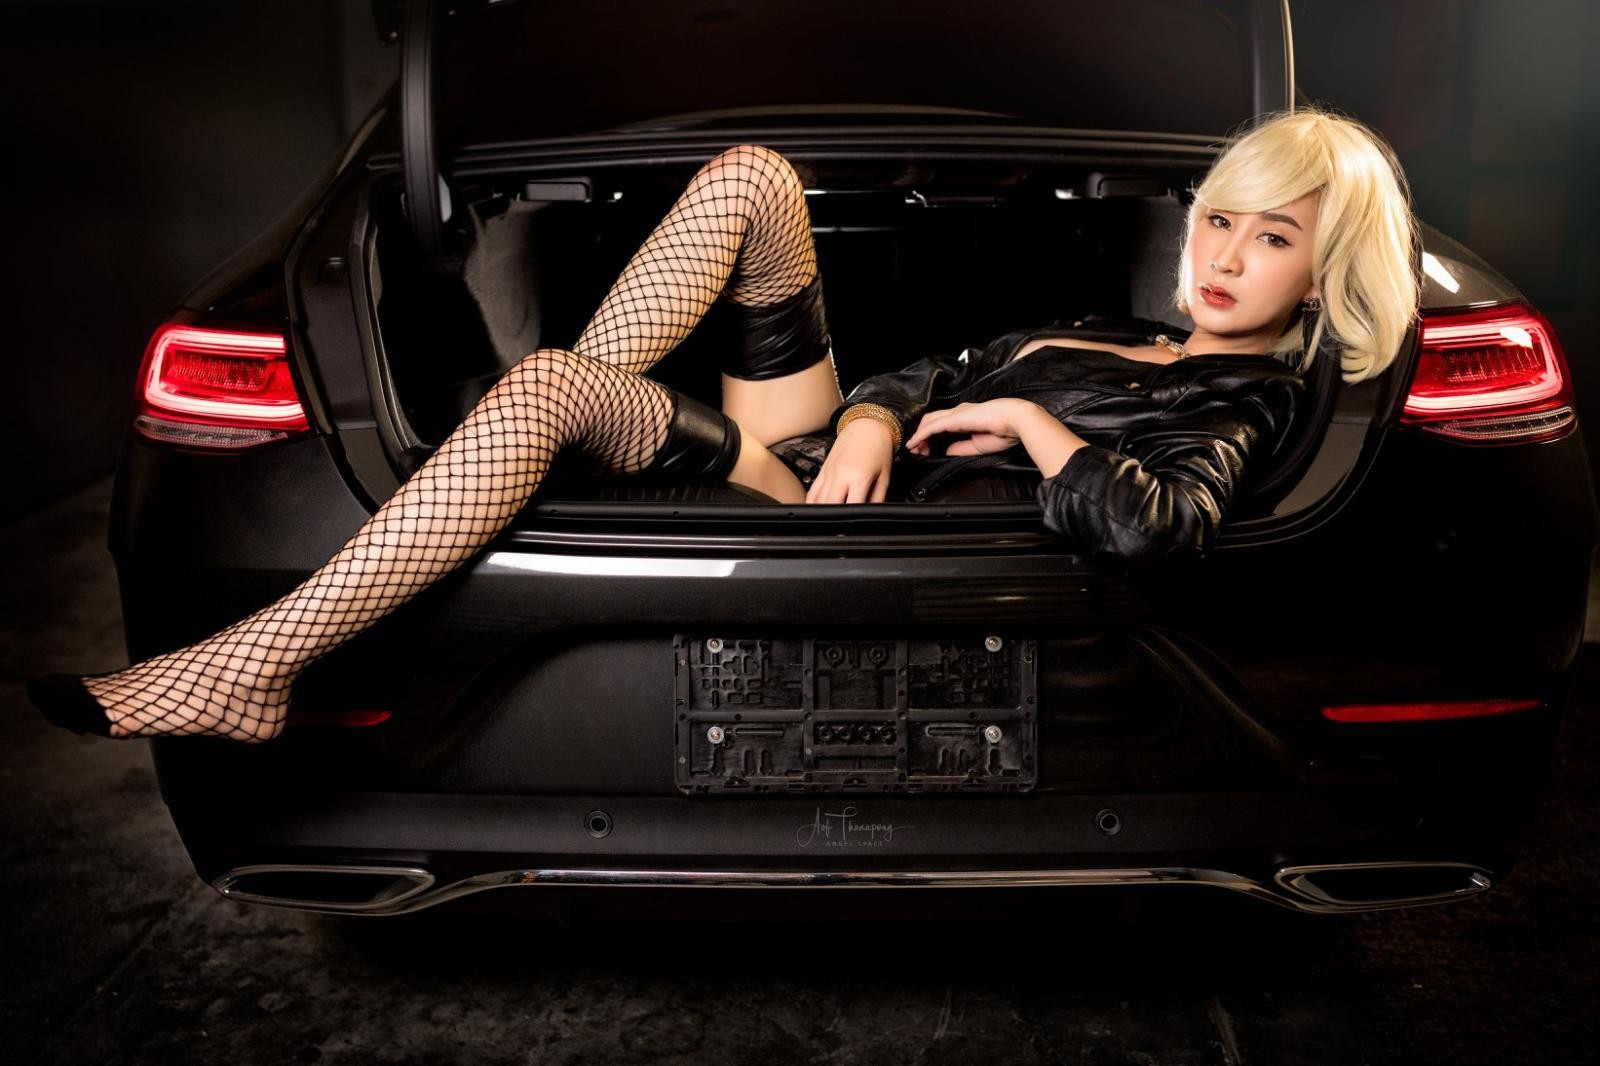 Chảy máu mũi với hình thể nuột nà của người mẫu xe Thái Lan - 19